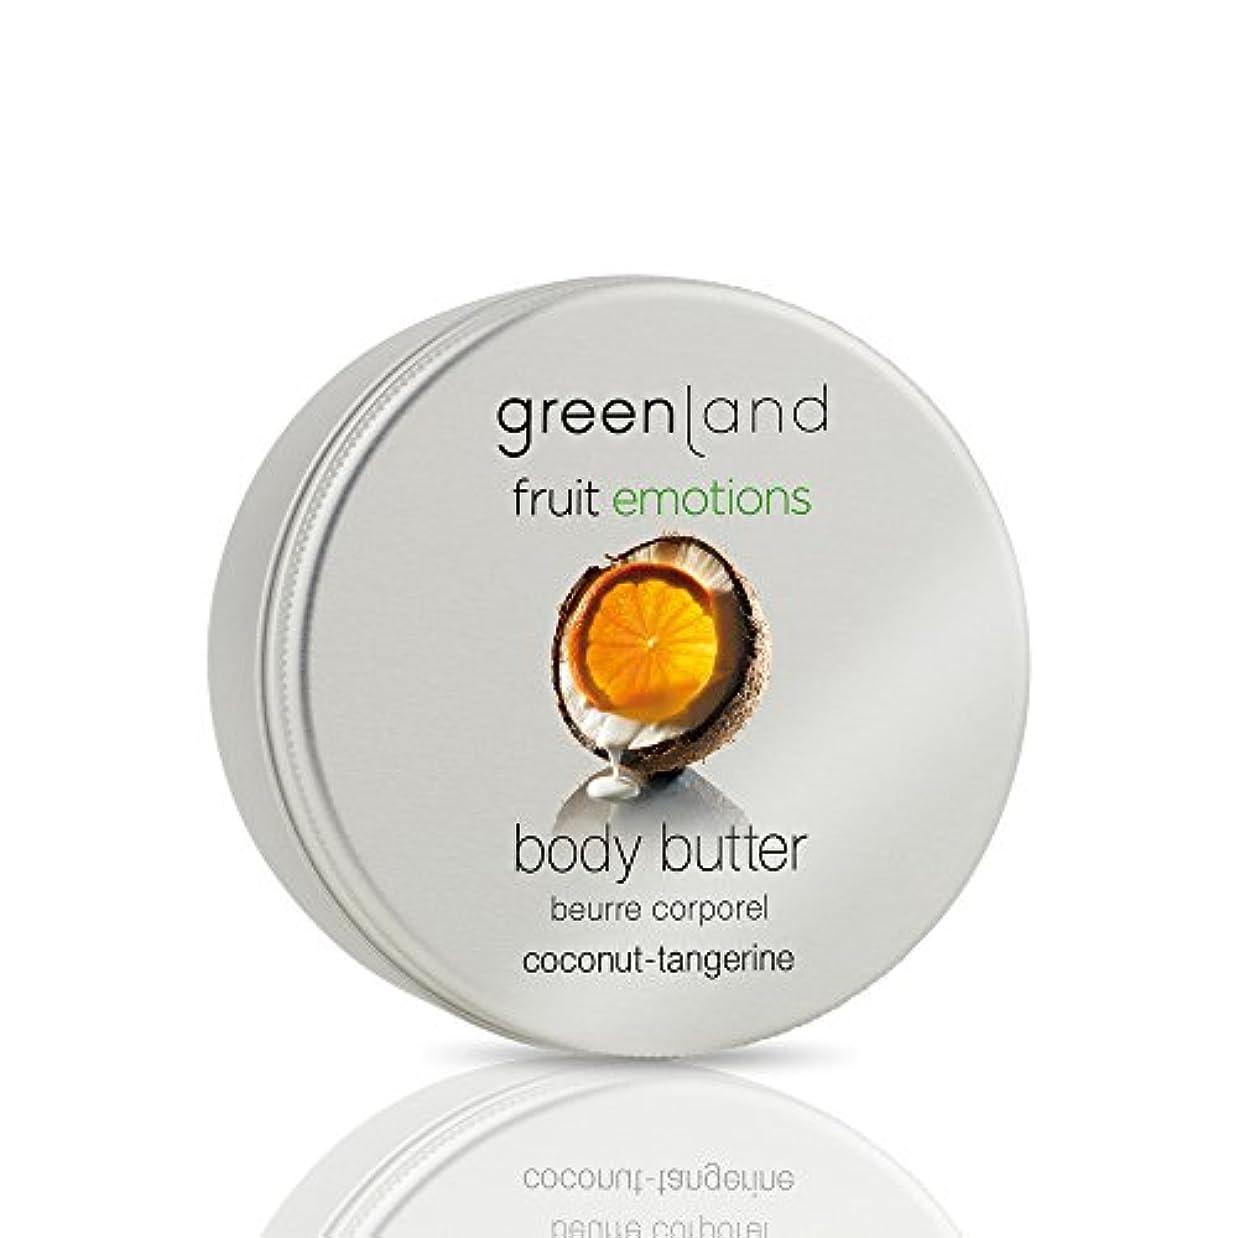 説明するカセット社会学greenland [FruitEmotions] ボディバター 120ml ココナッツ&タンジェリン FE0432